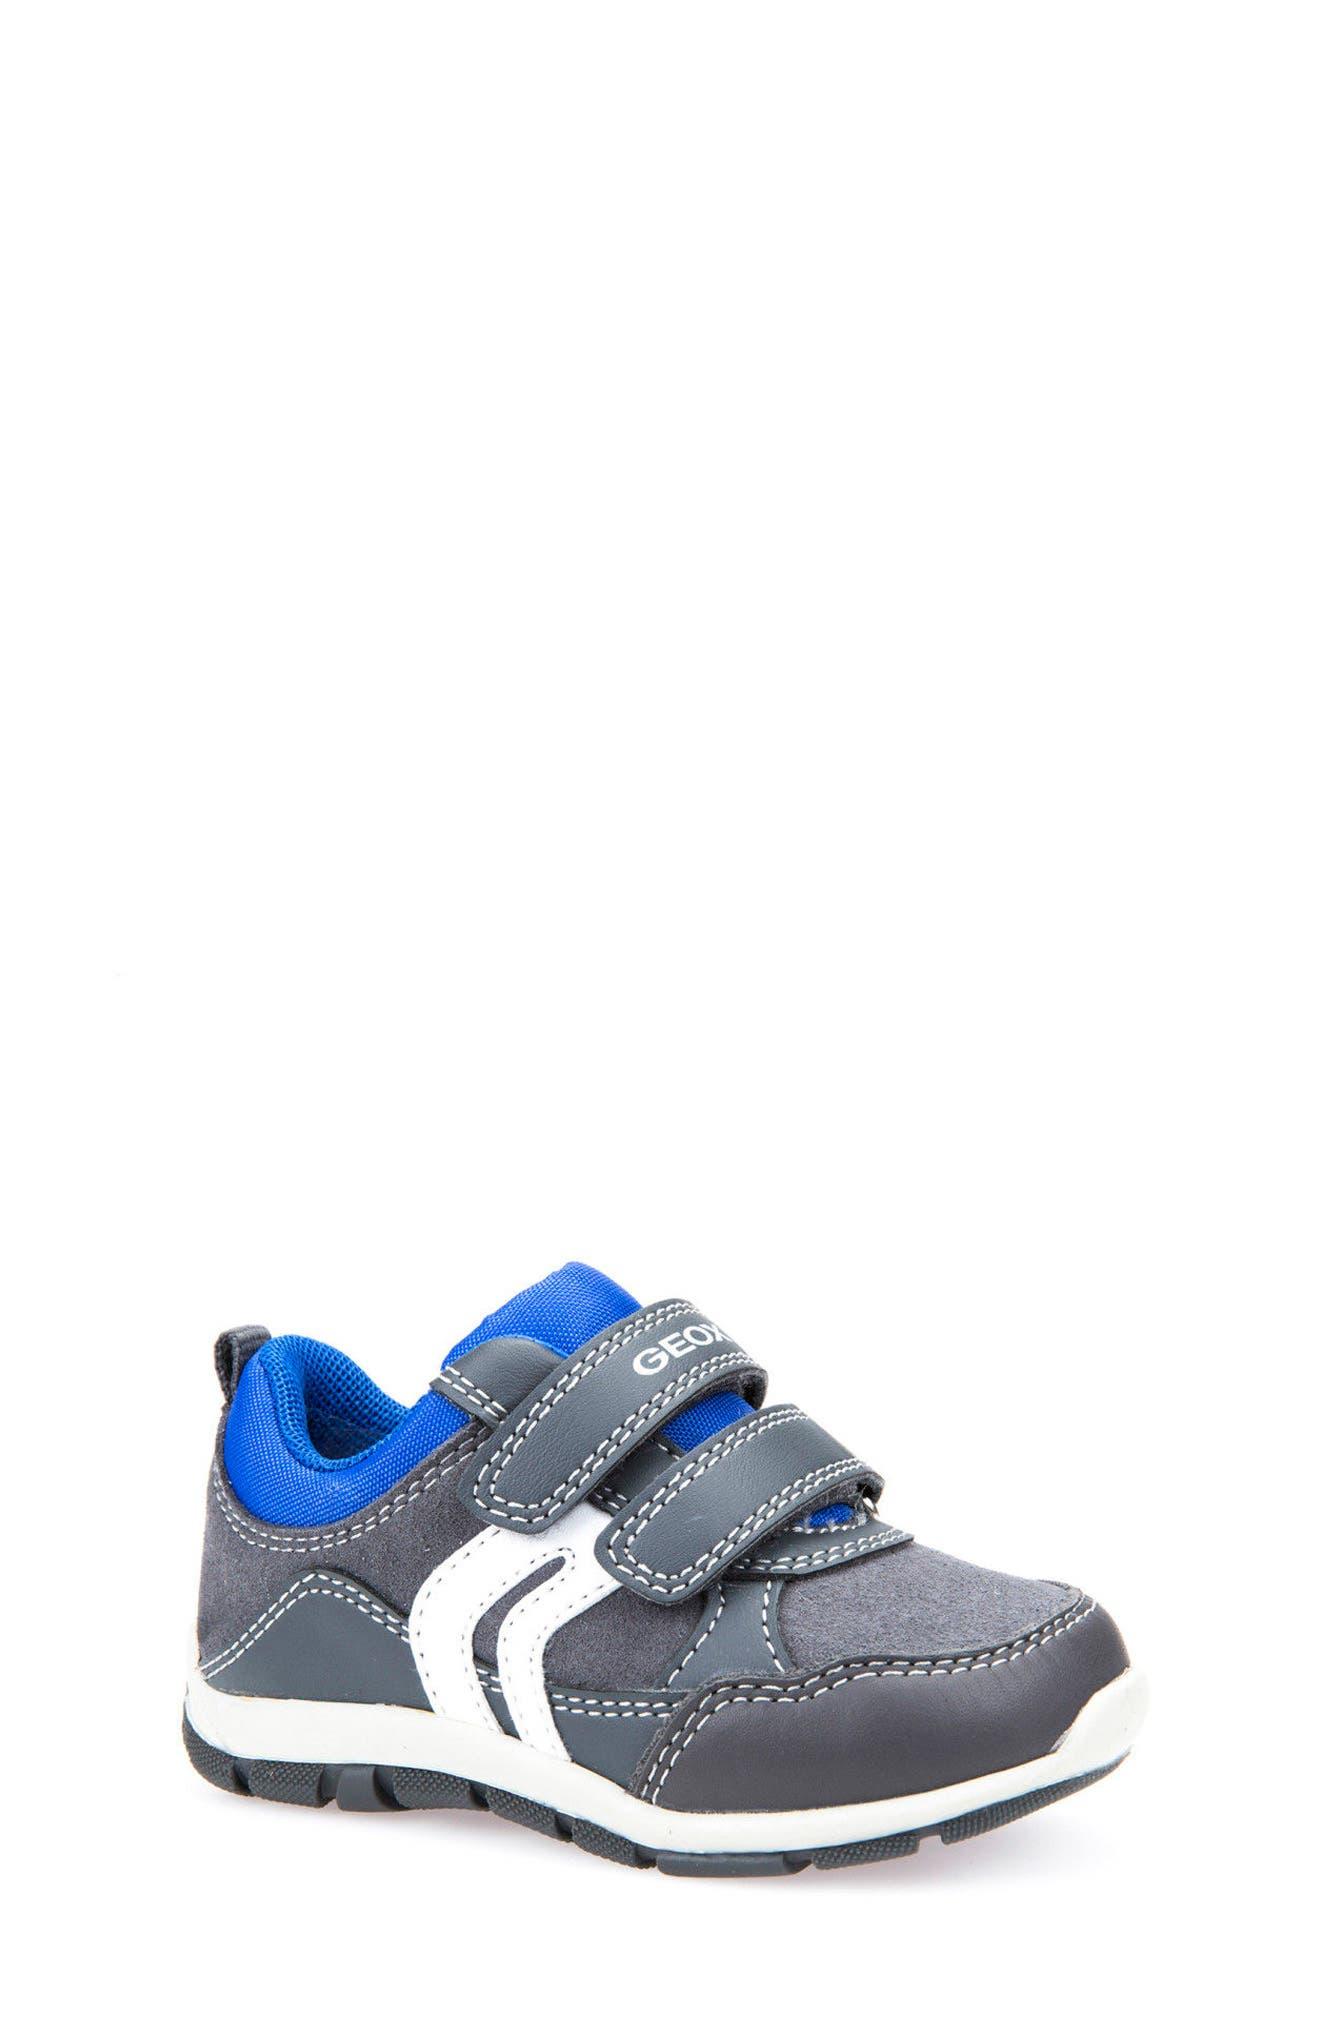 'Shaax 9' Sneaker,                             Main thumbnail 1, color,                             Grey/ Royal